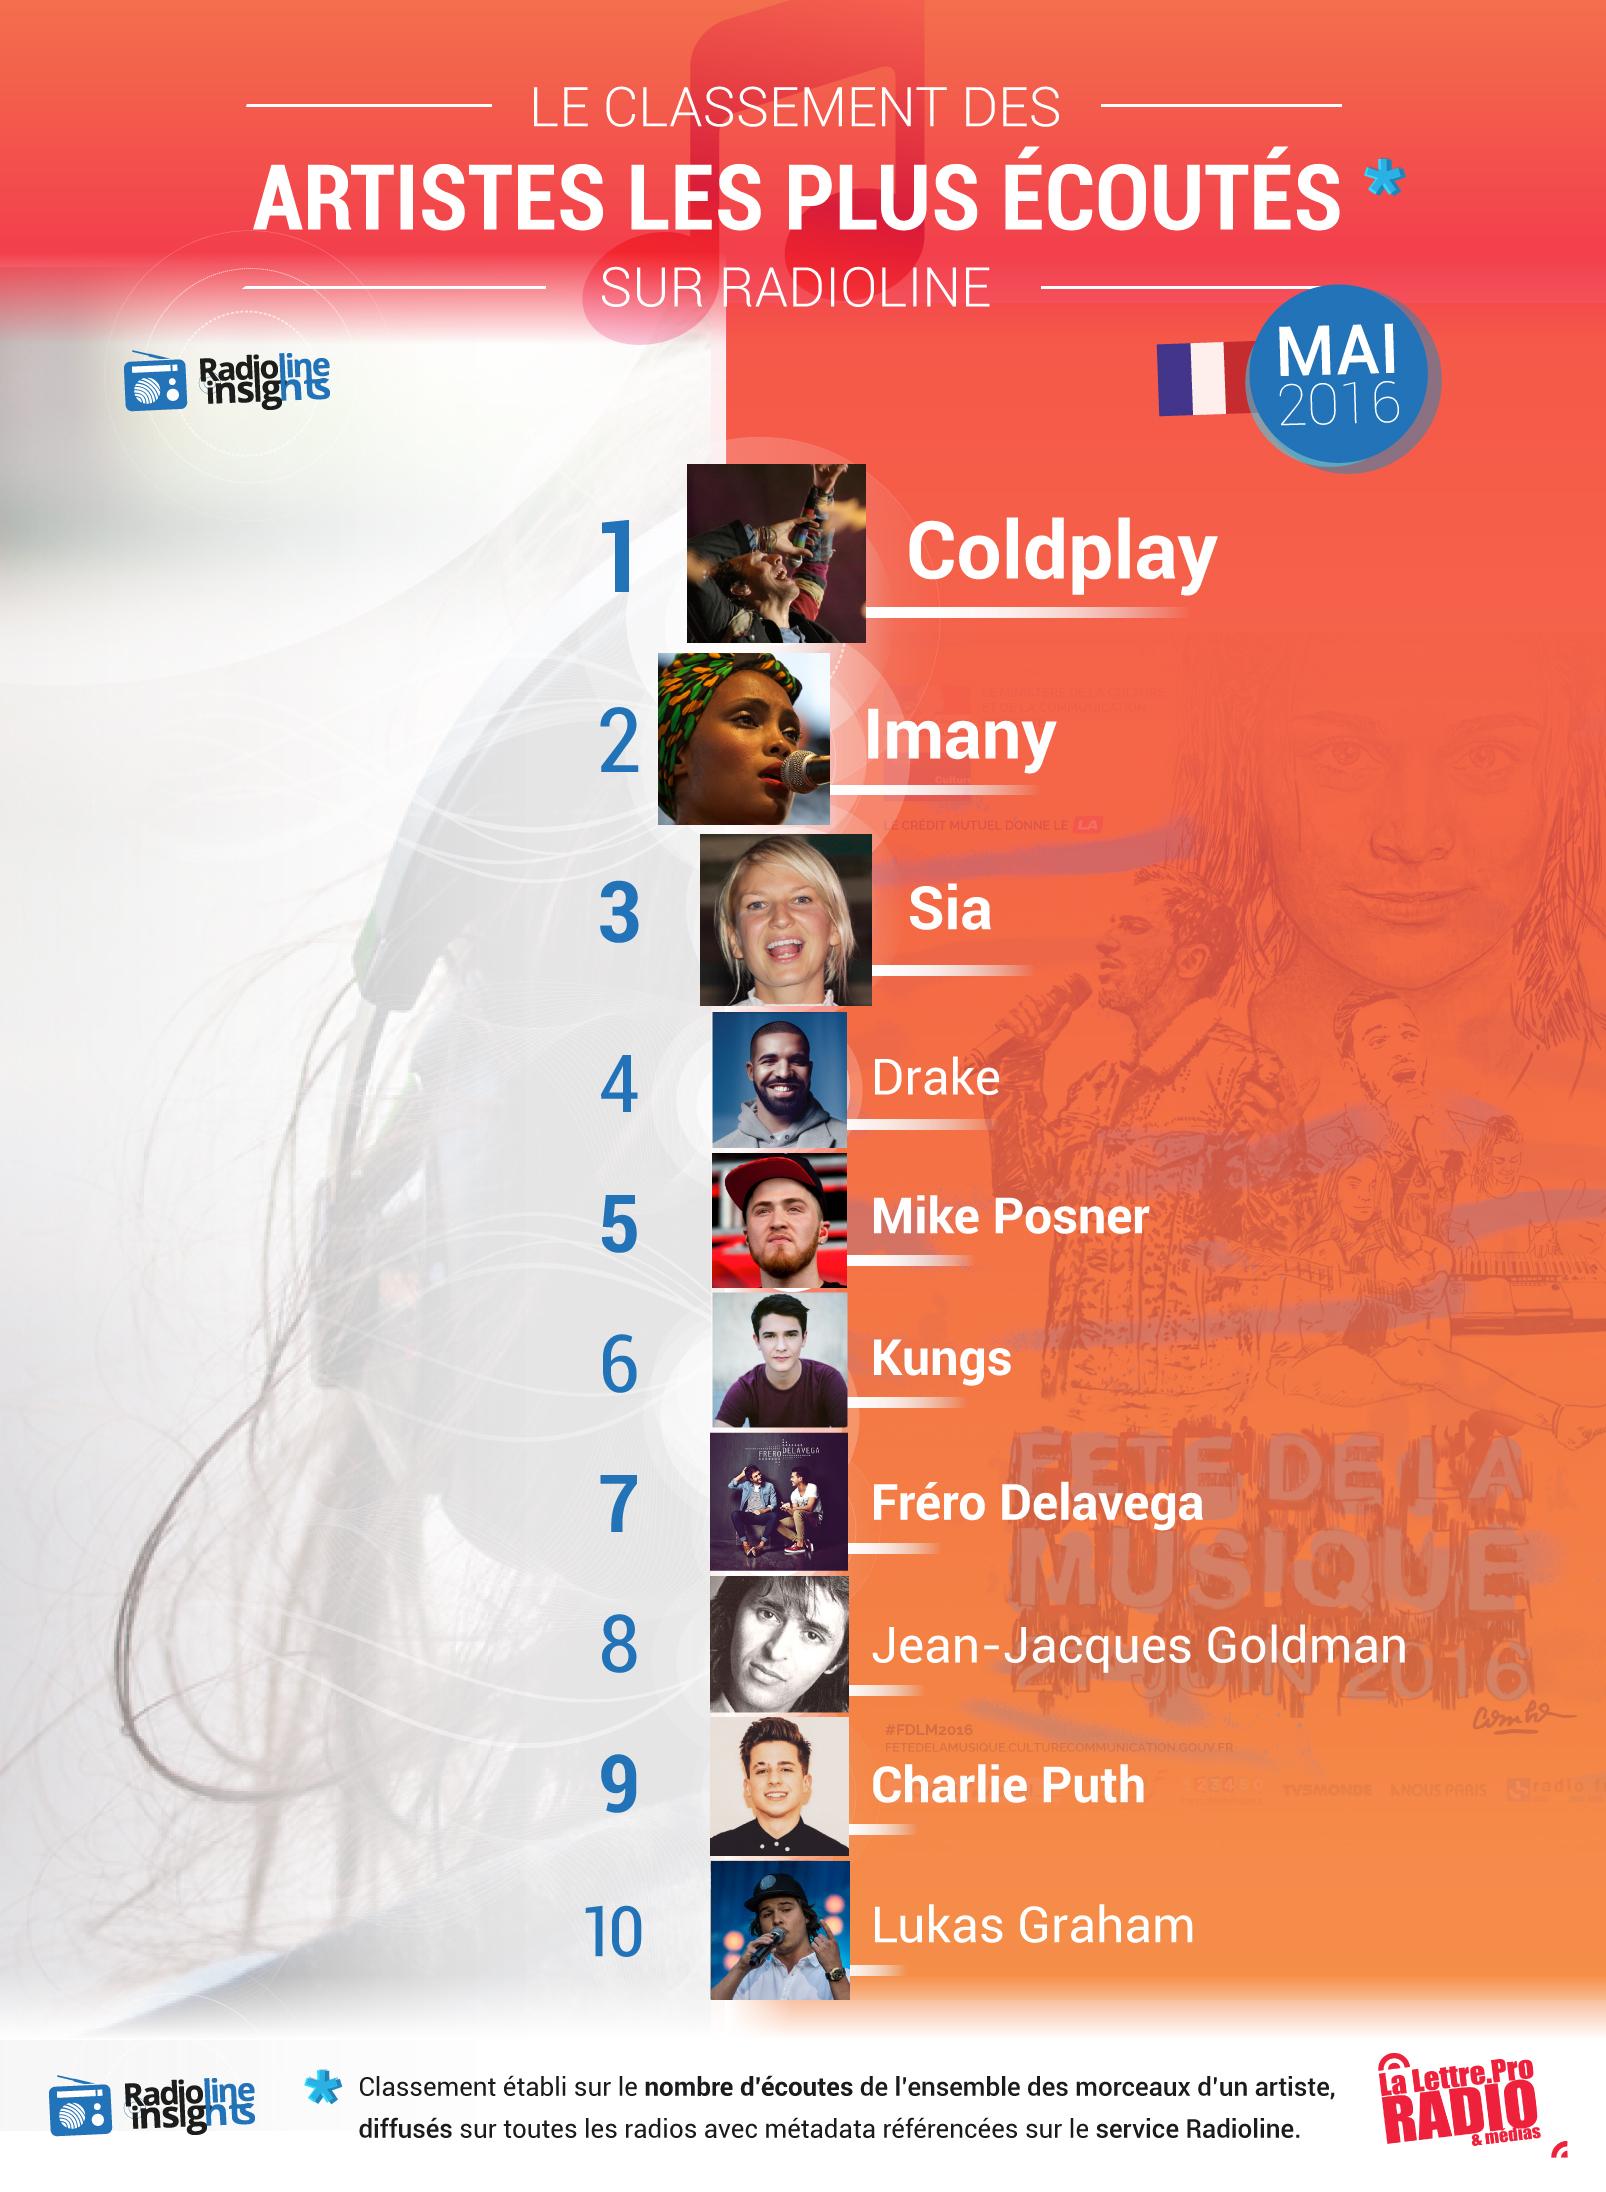 #RadiolineInsights : les artistes les plus écoutés